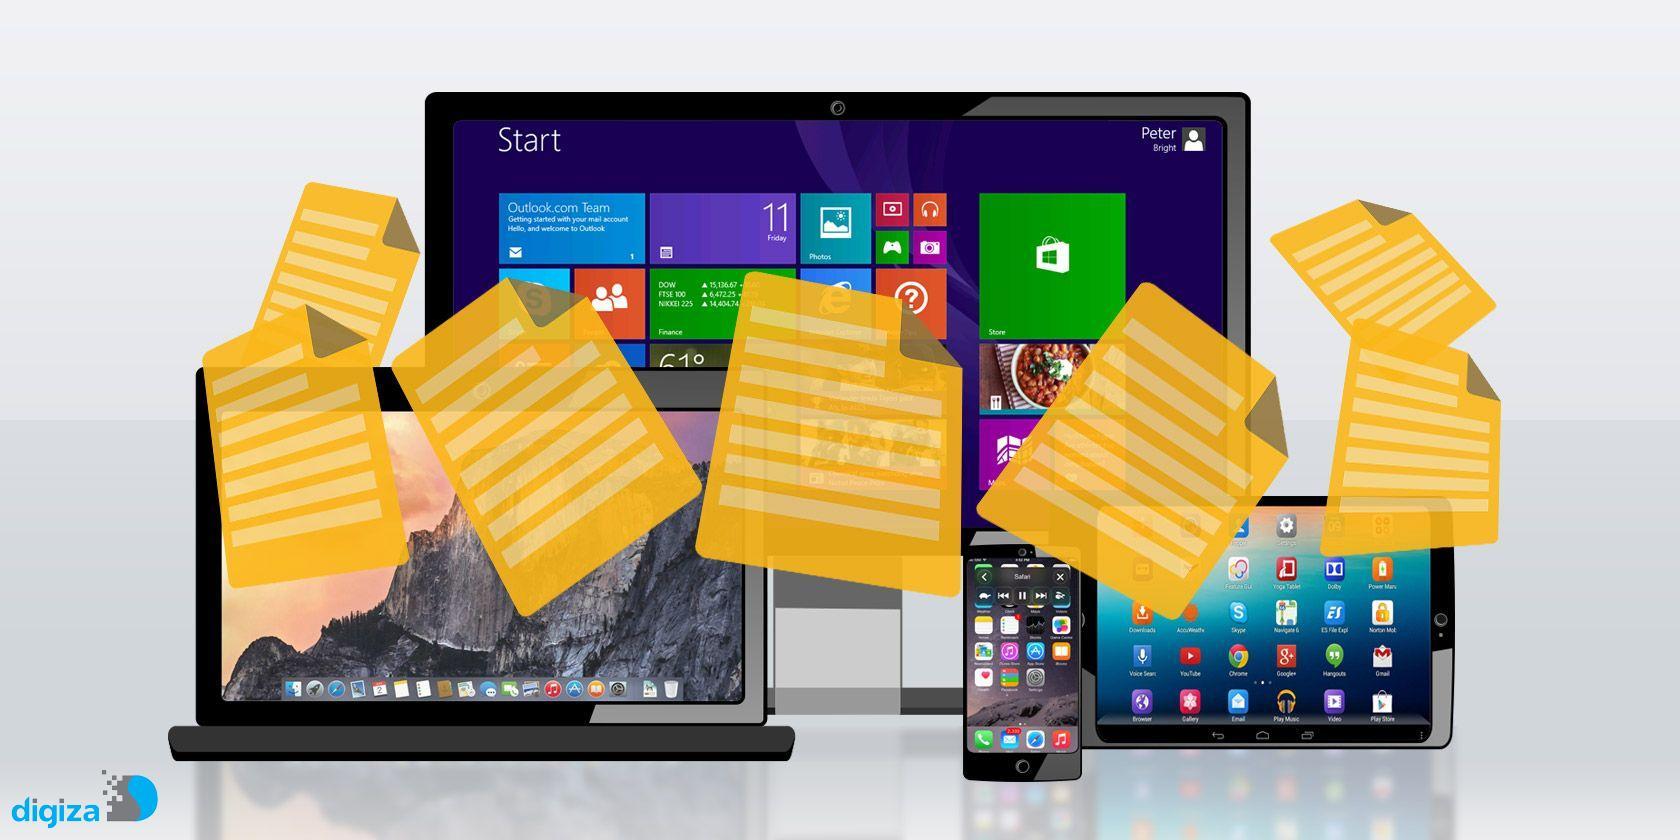 چگونه فایلها را در ویندوز سریعتر کپی کنیم؟